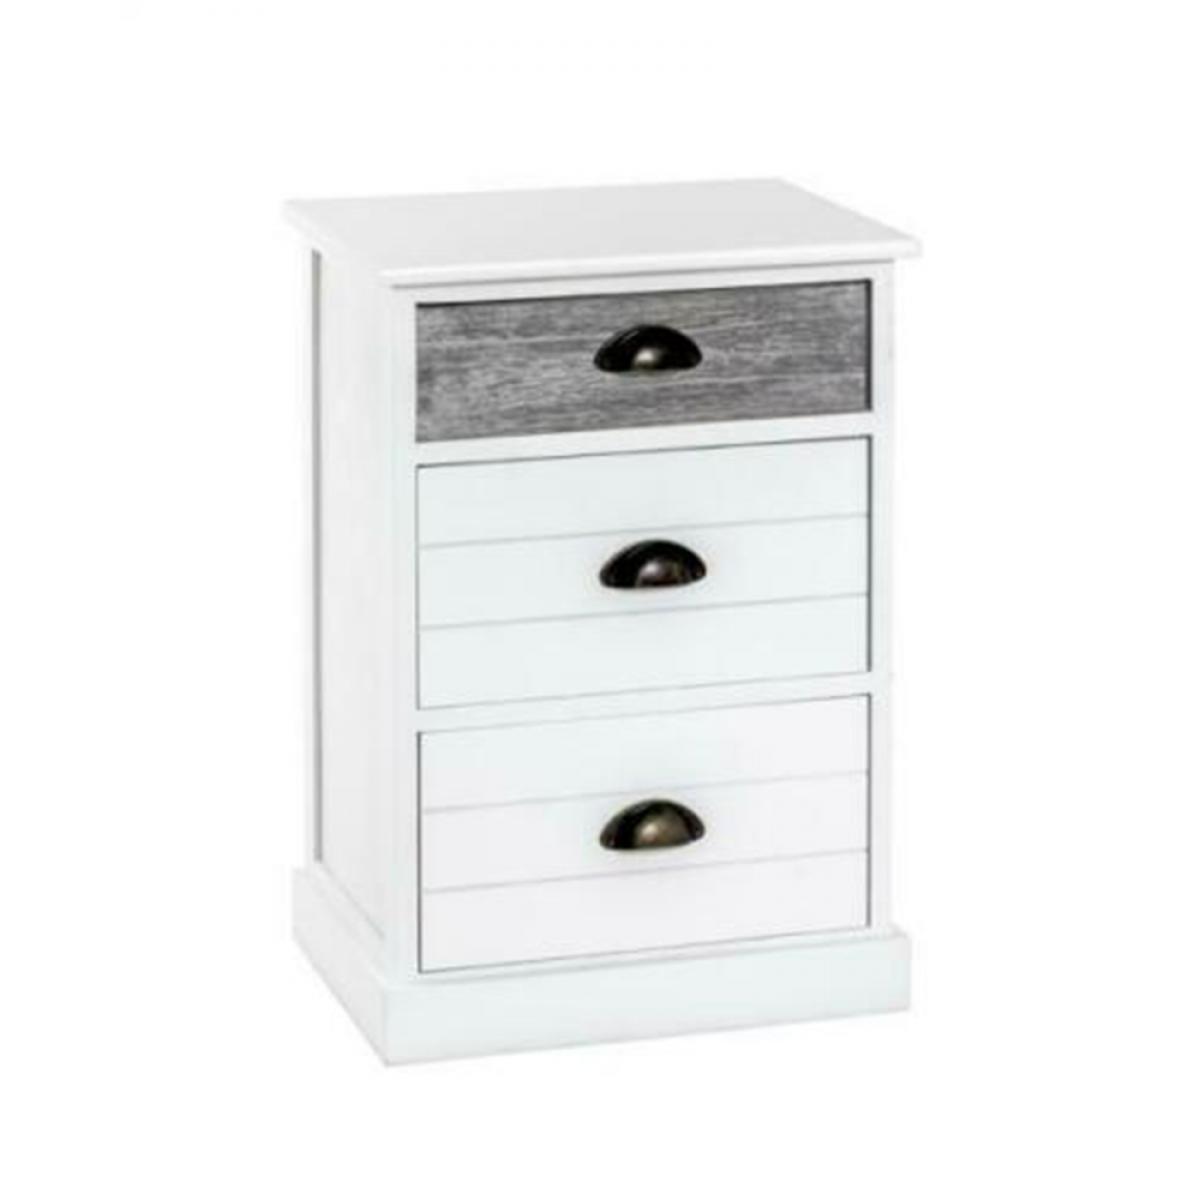 Pegane Commode coloris blanchi / gris en bois - L 41 x P 31 x H 60 cm